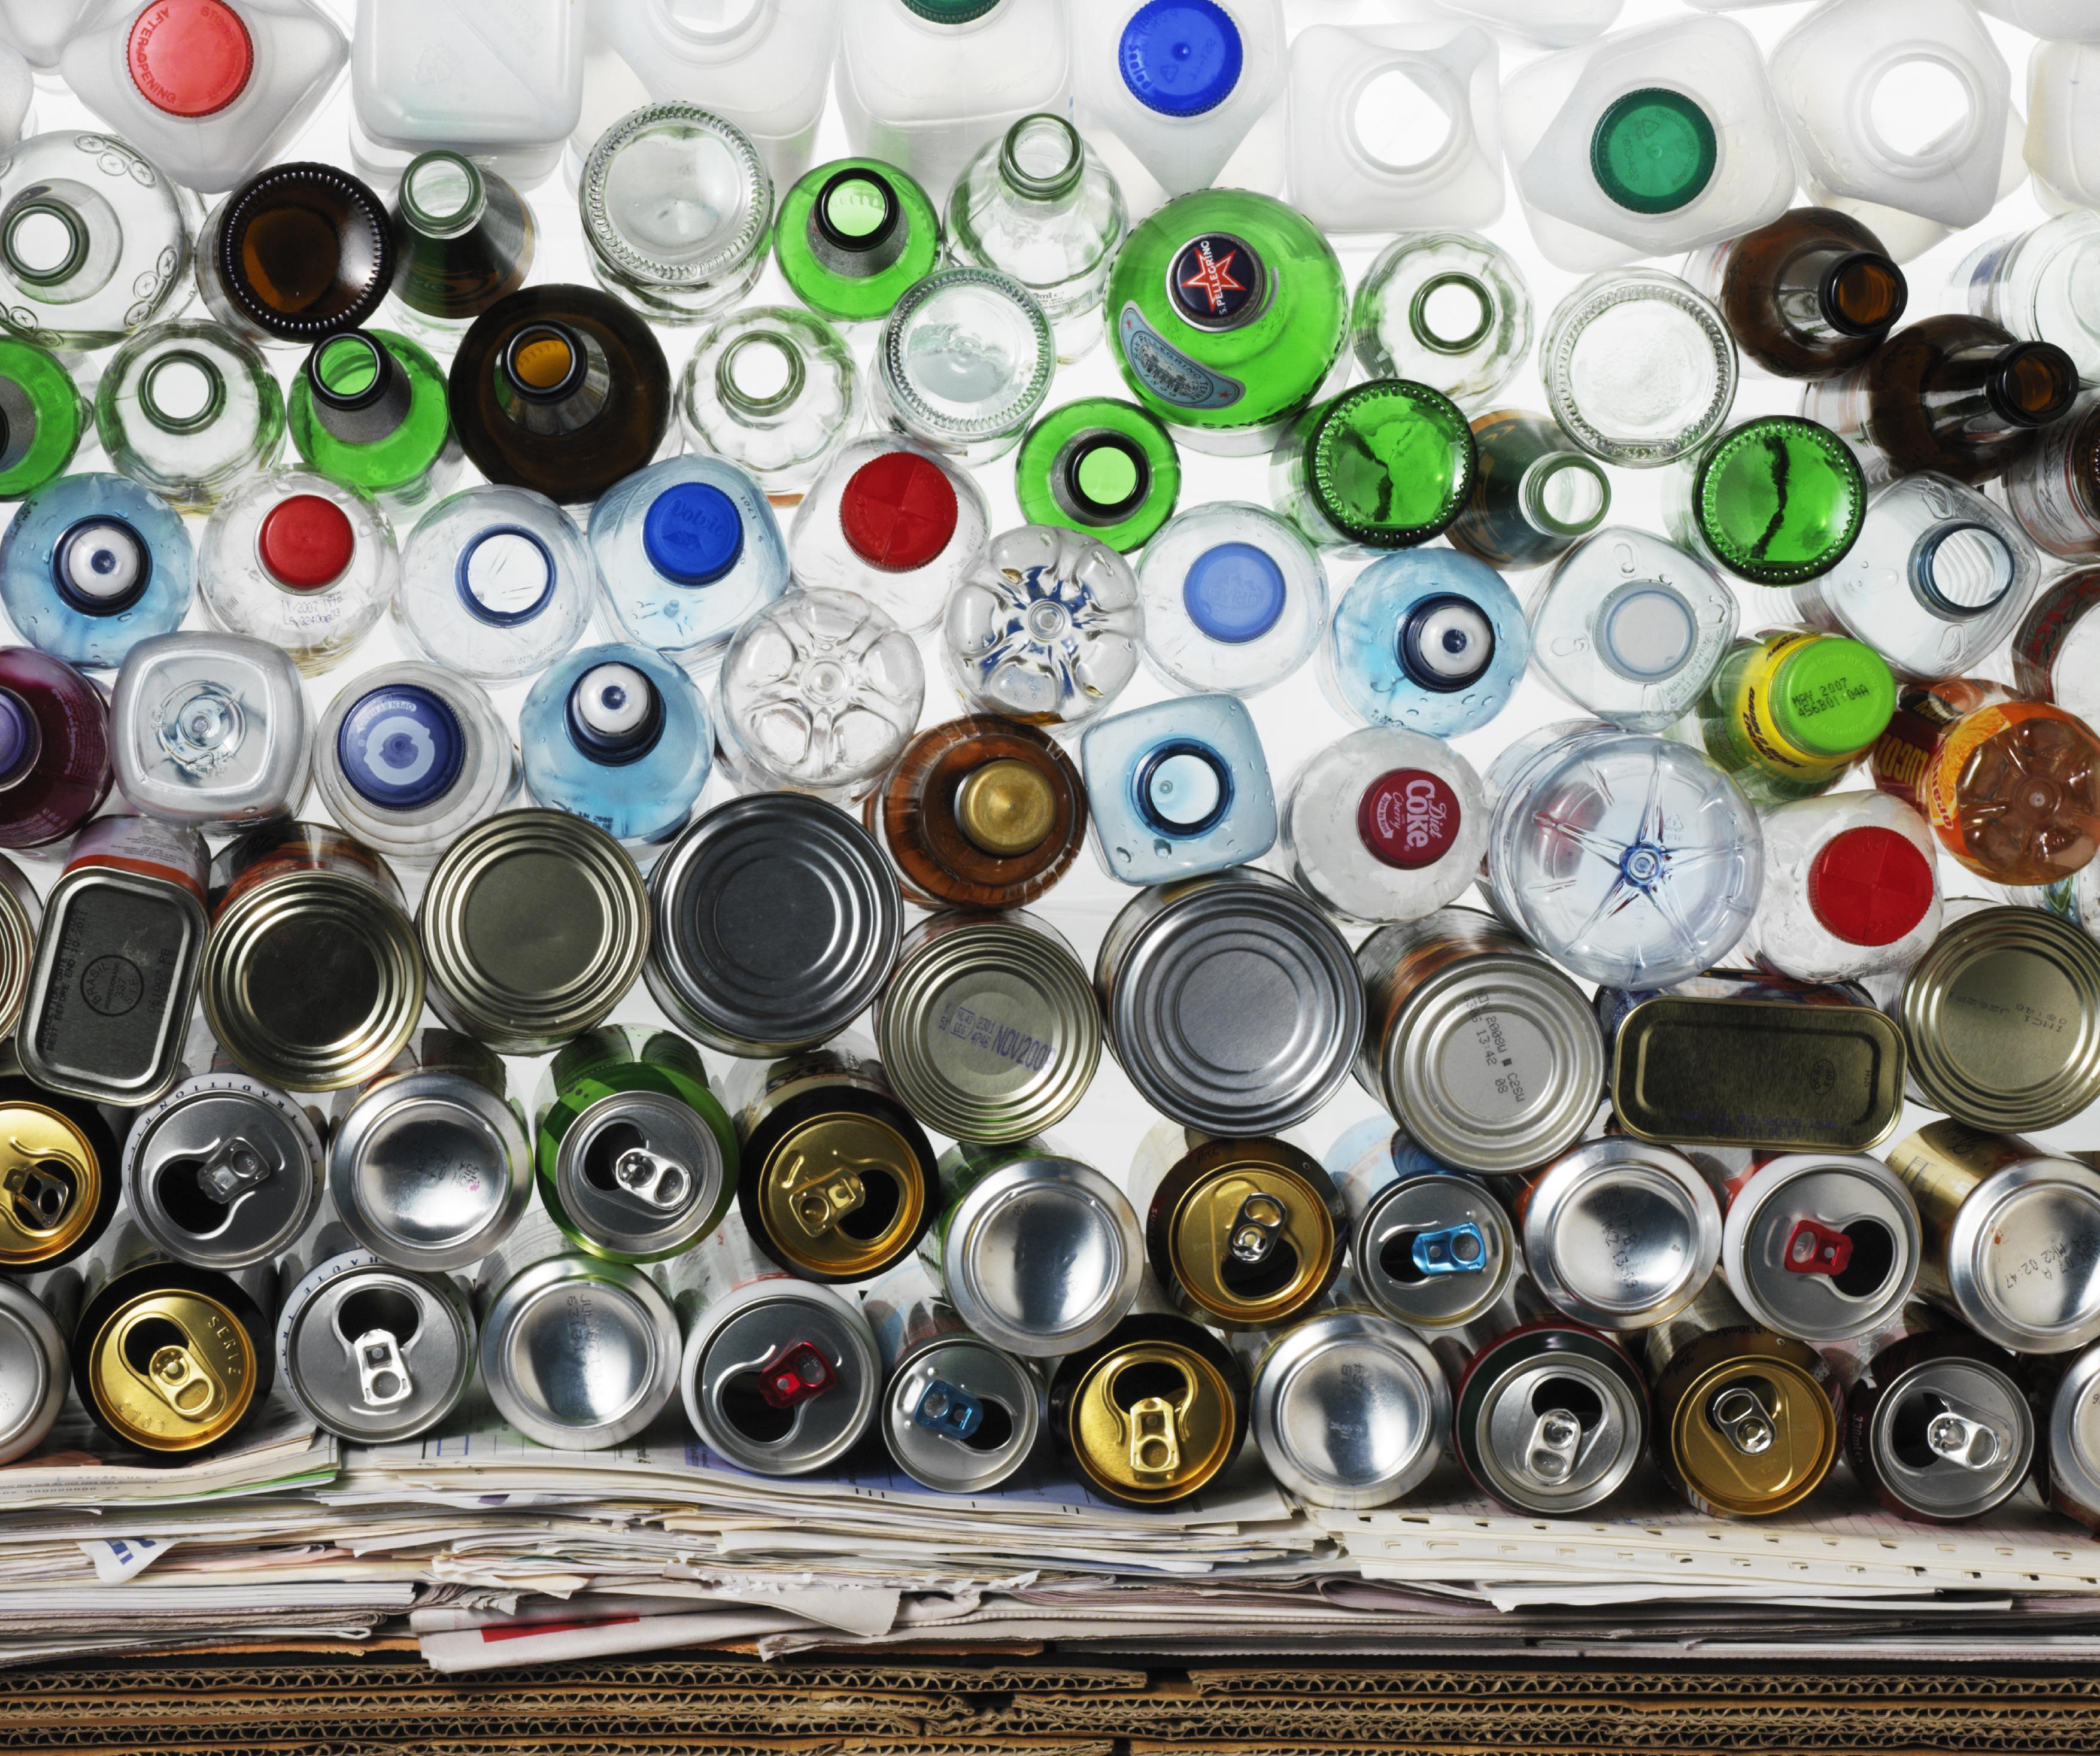 The green recycling bin